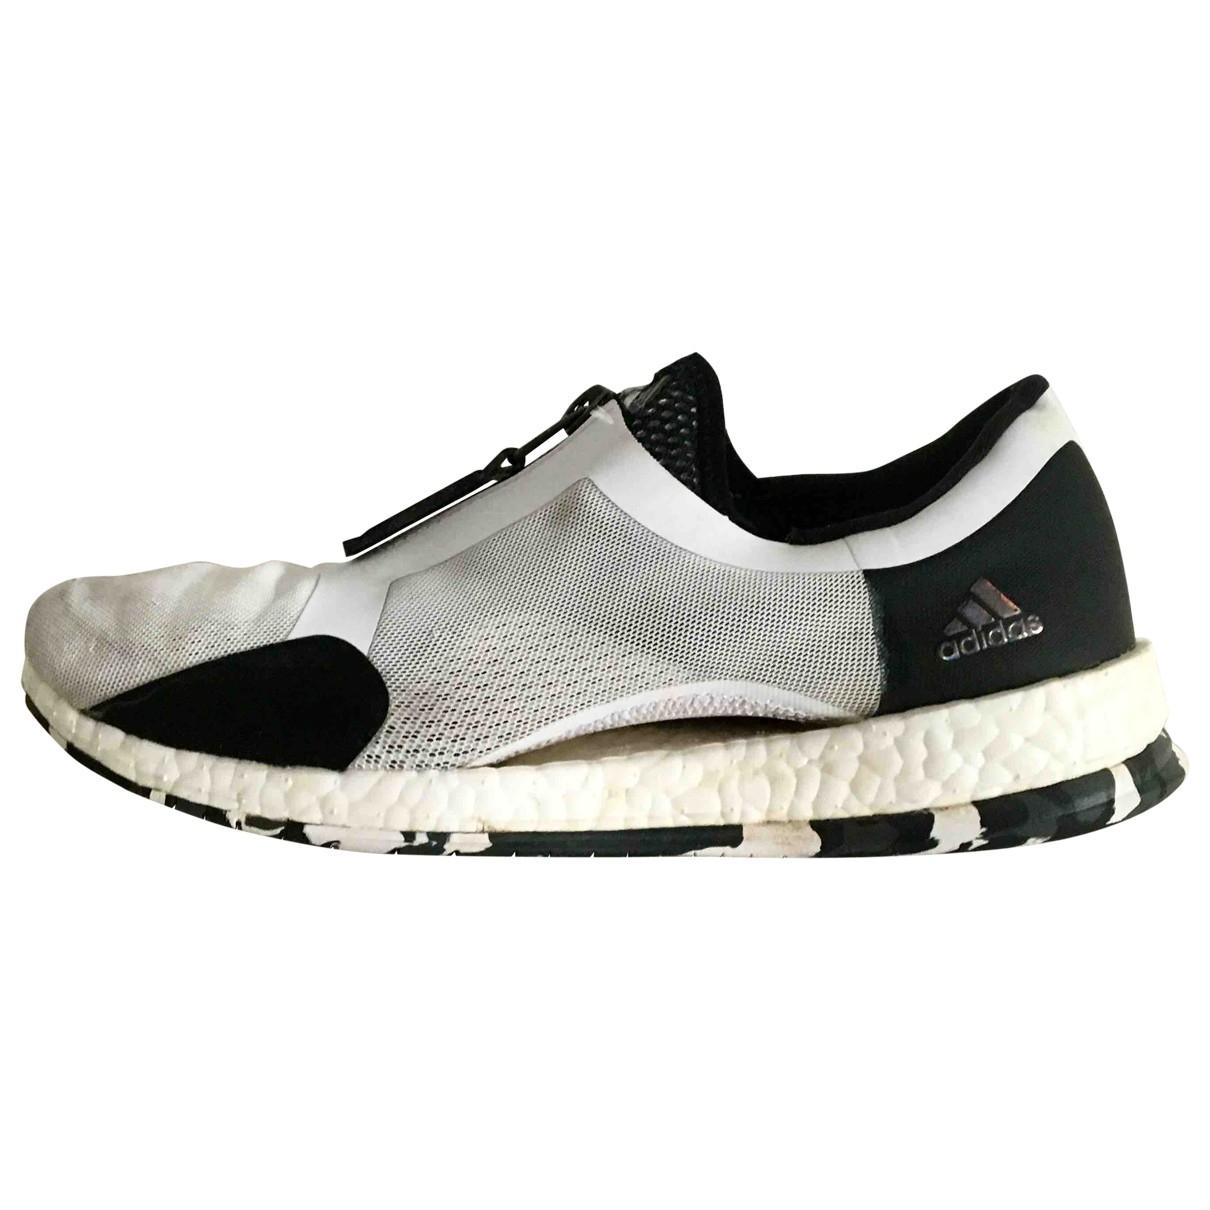 Adidas - Baskets PureBOOST pour femme en caoutchouc - blanc